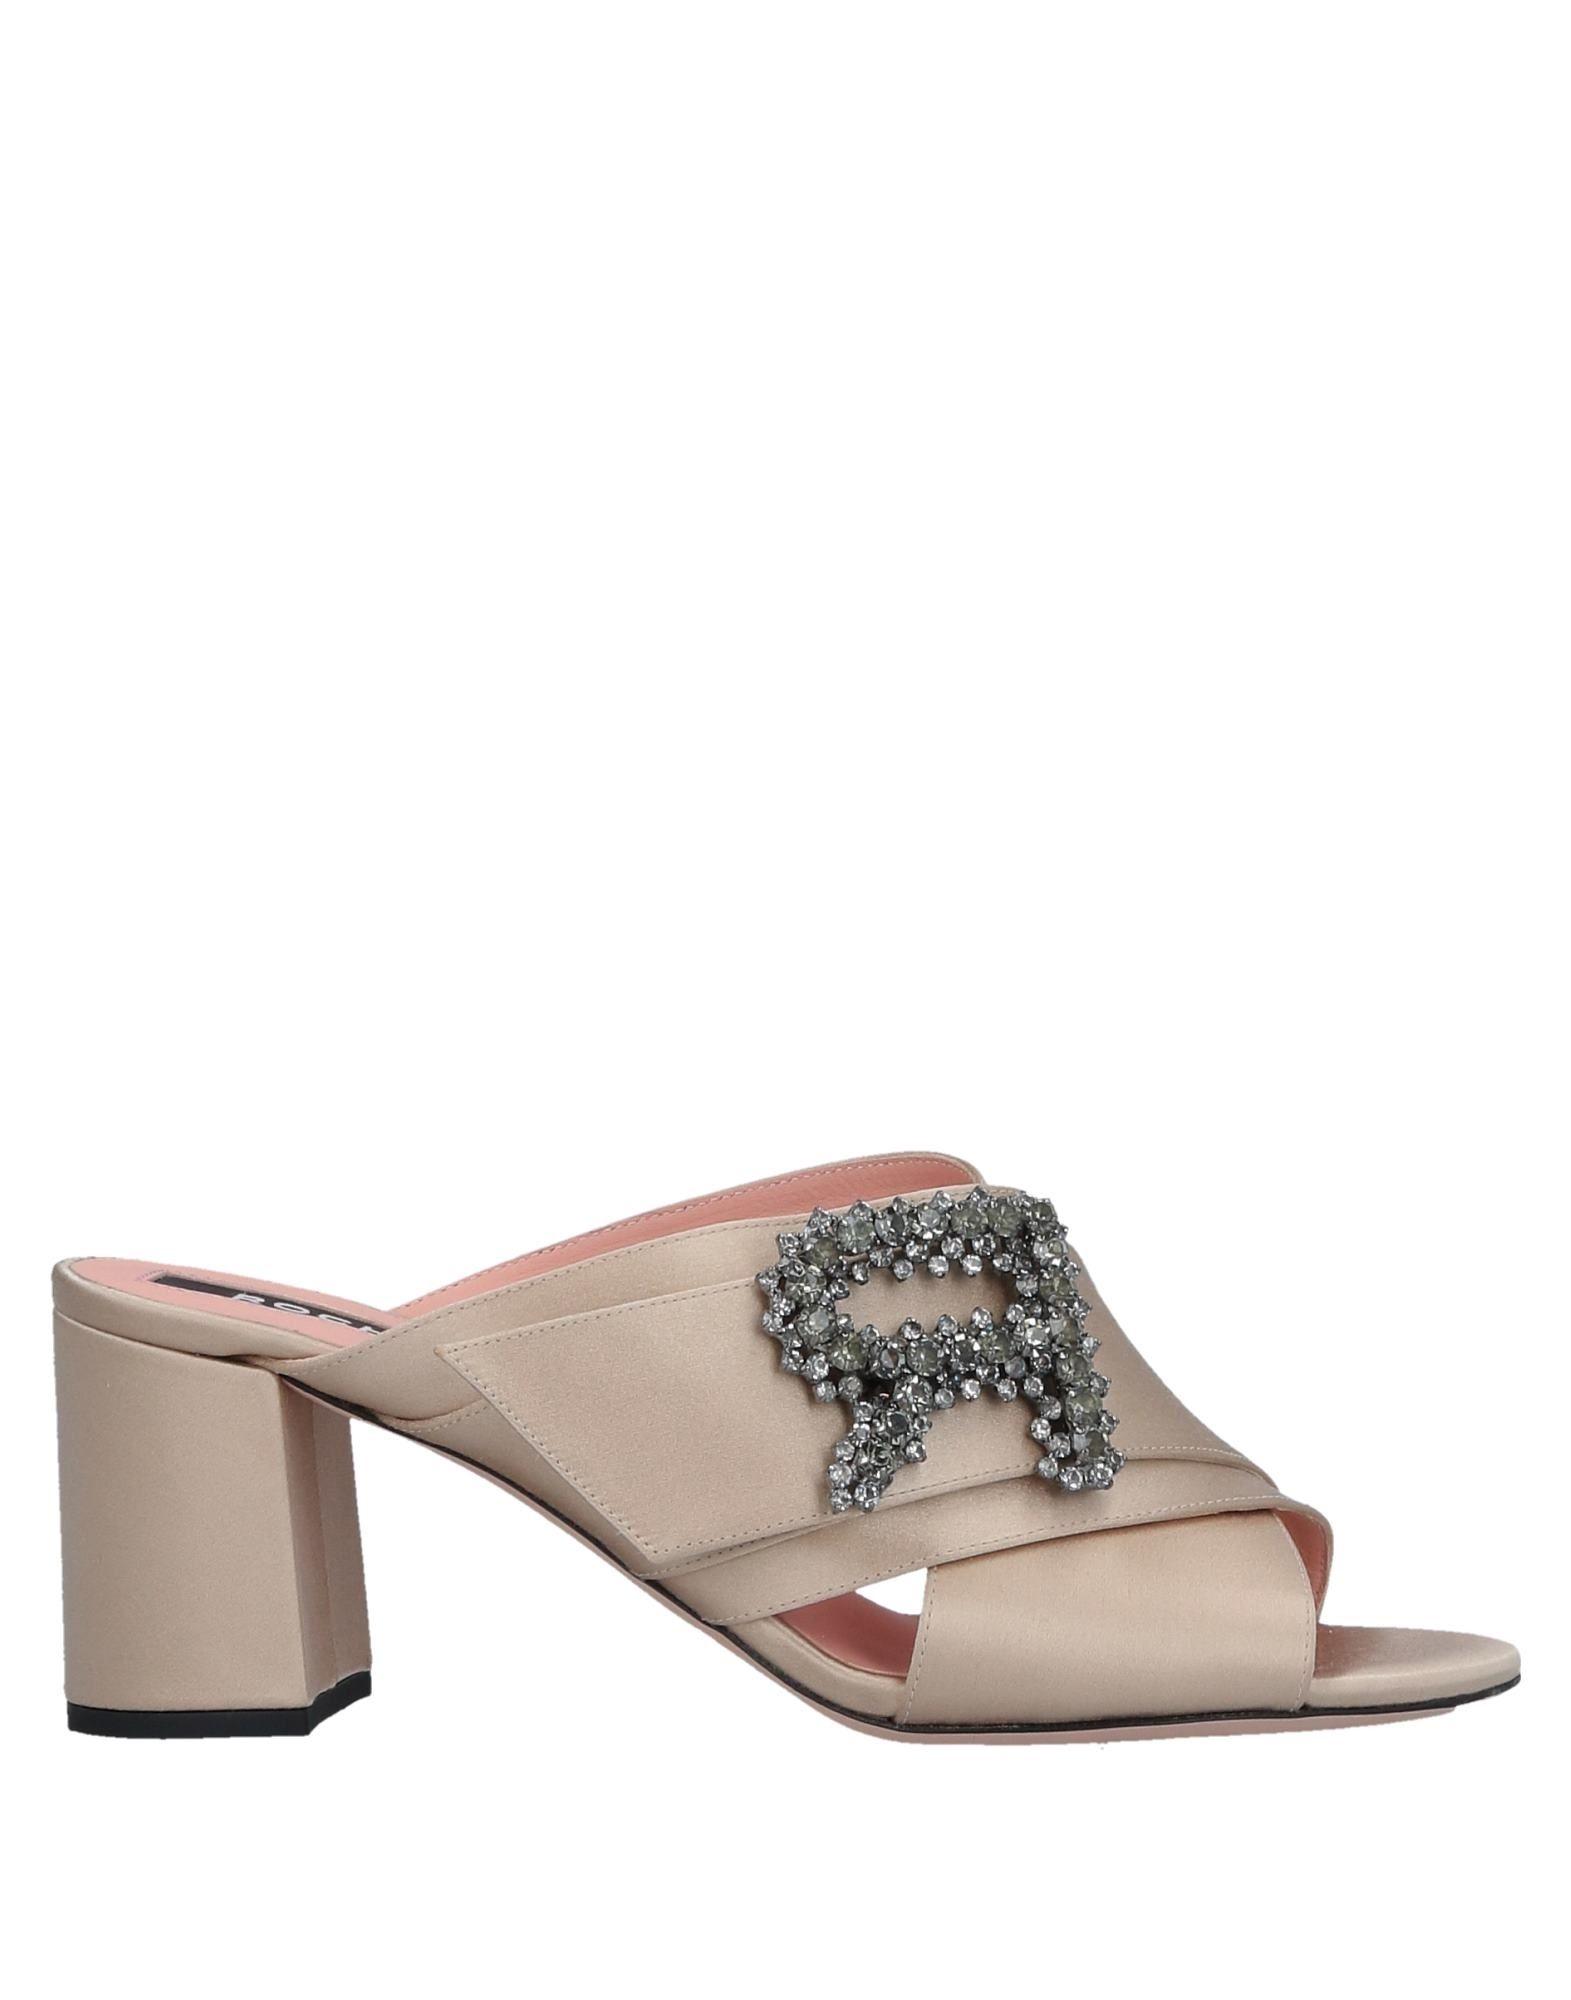 Sandali Rochas Scarpe Donna - 11531185AU Scarpe Rochas comode e distintive 5ffa5f